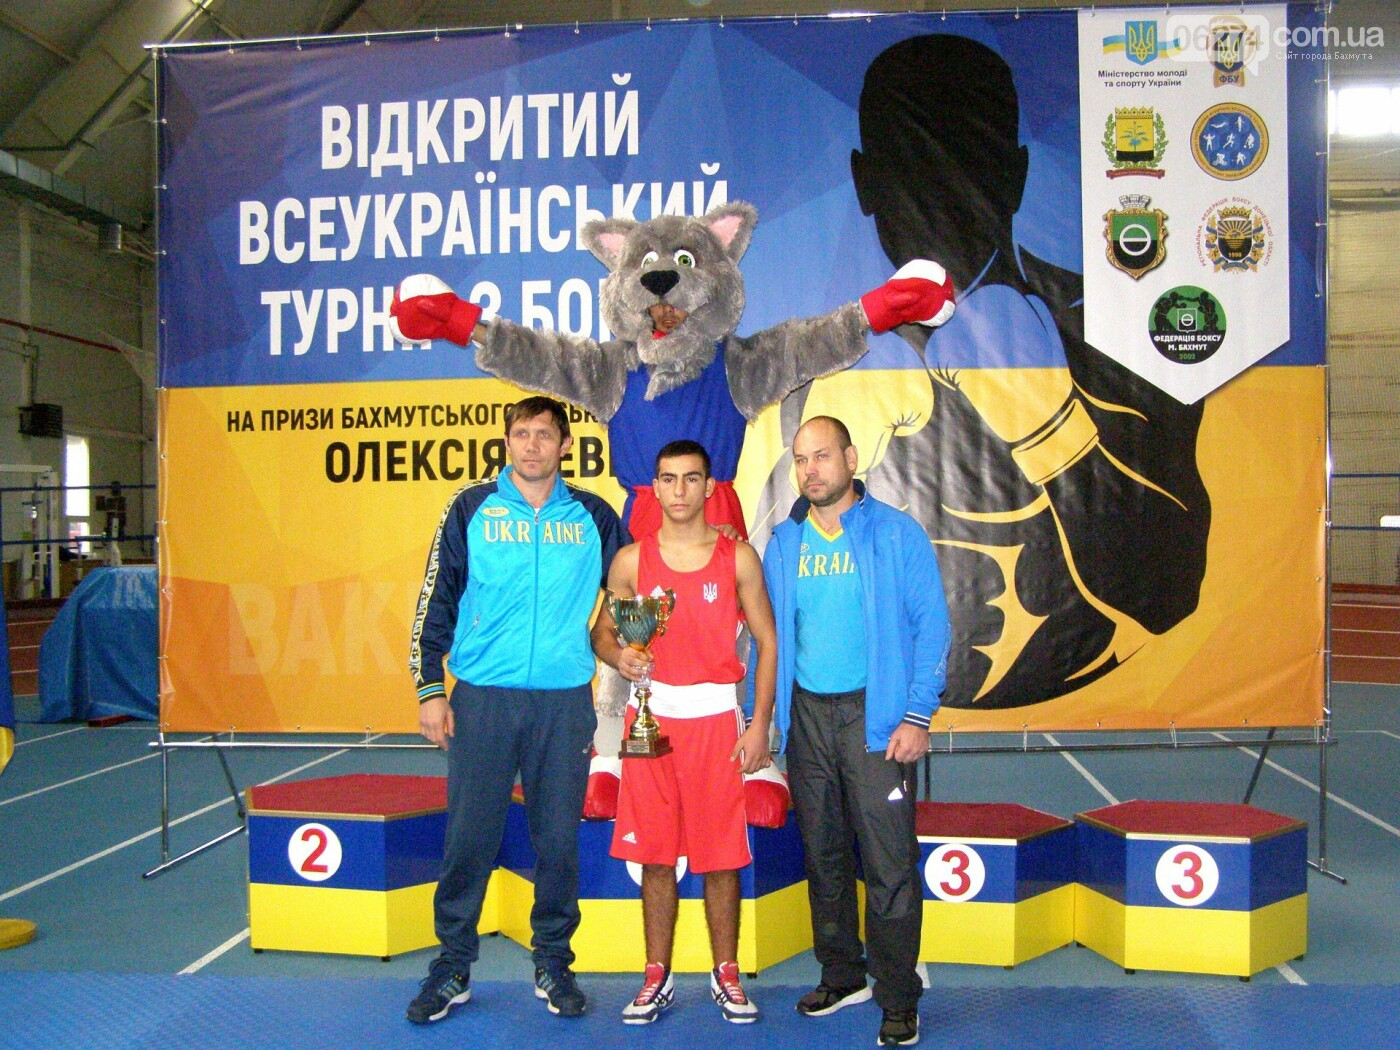 Боксеры Донетчины получили 15 наград всеукраинского турнира среди юниоров в Бахмуте, фото-13